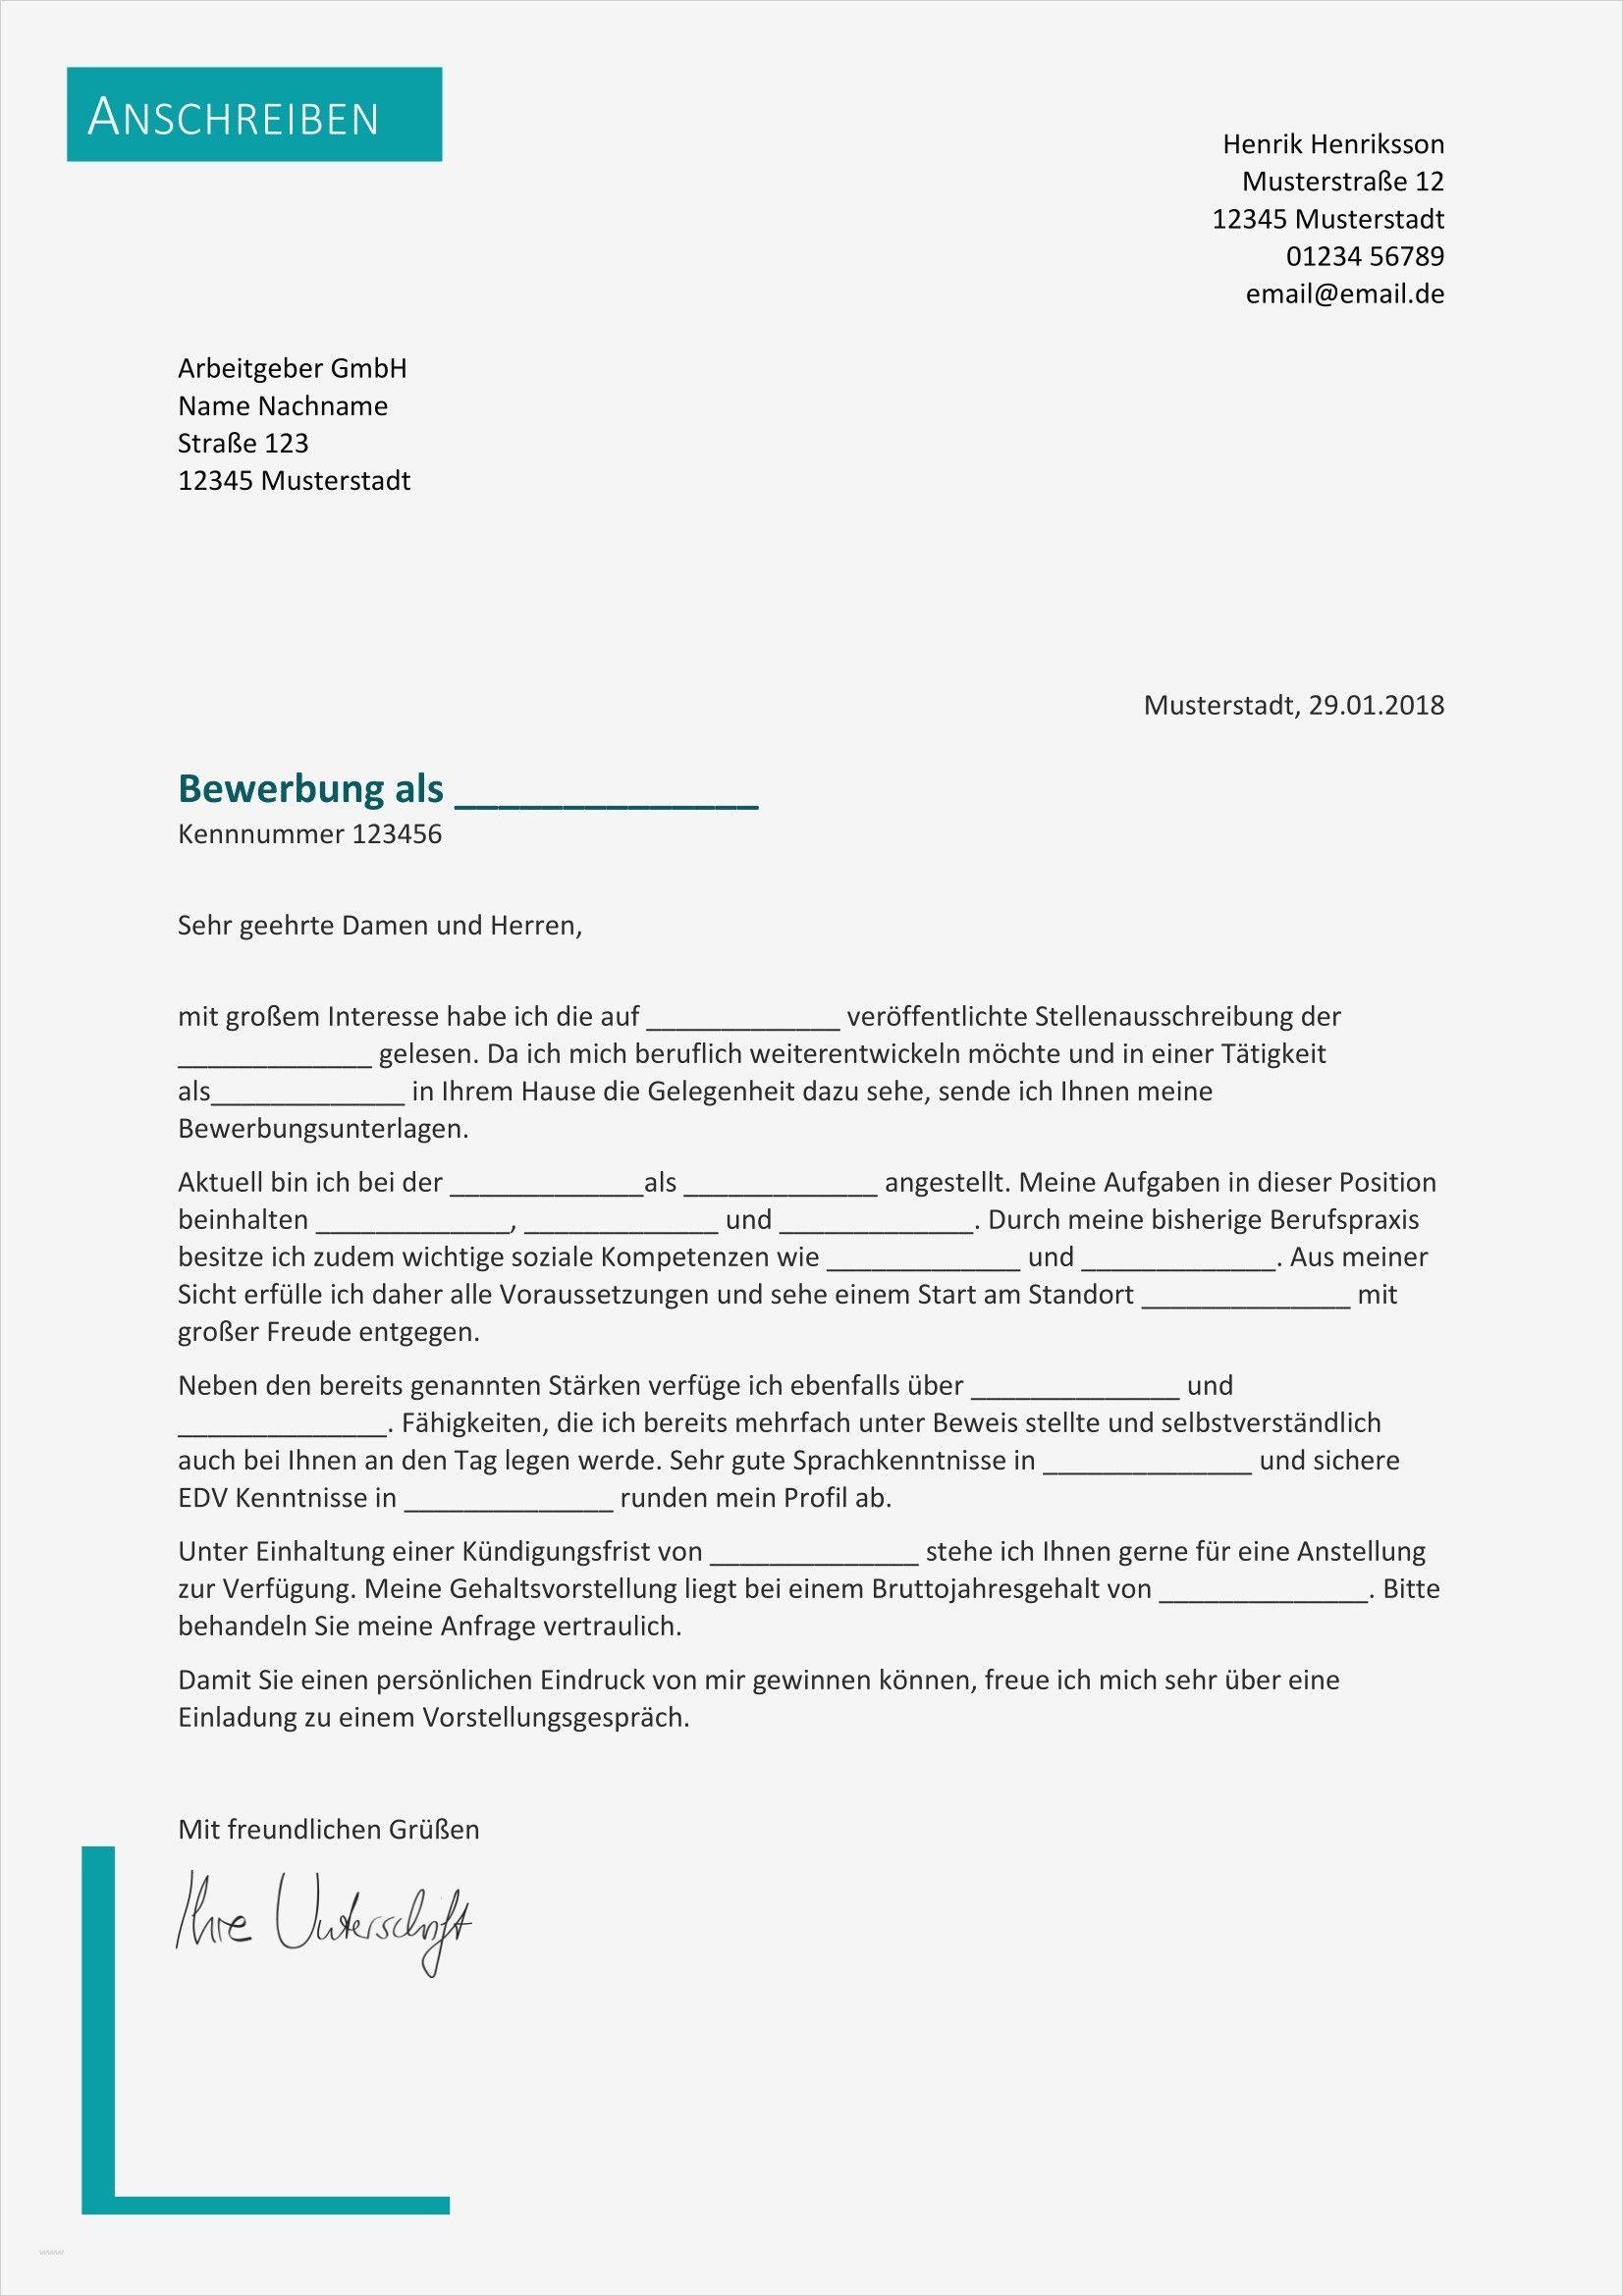 Neu Bewerbung Von Zeitarbeit In Festanstellung Muster Briefprobe Briefformat Briefvorlage Bewerbung Schreiben Vorlage Bewerbung Bewerbung Anschreiben Muster